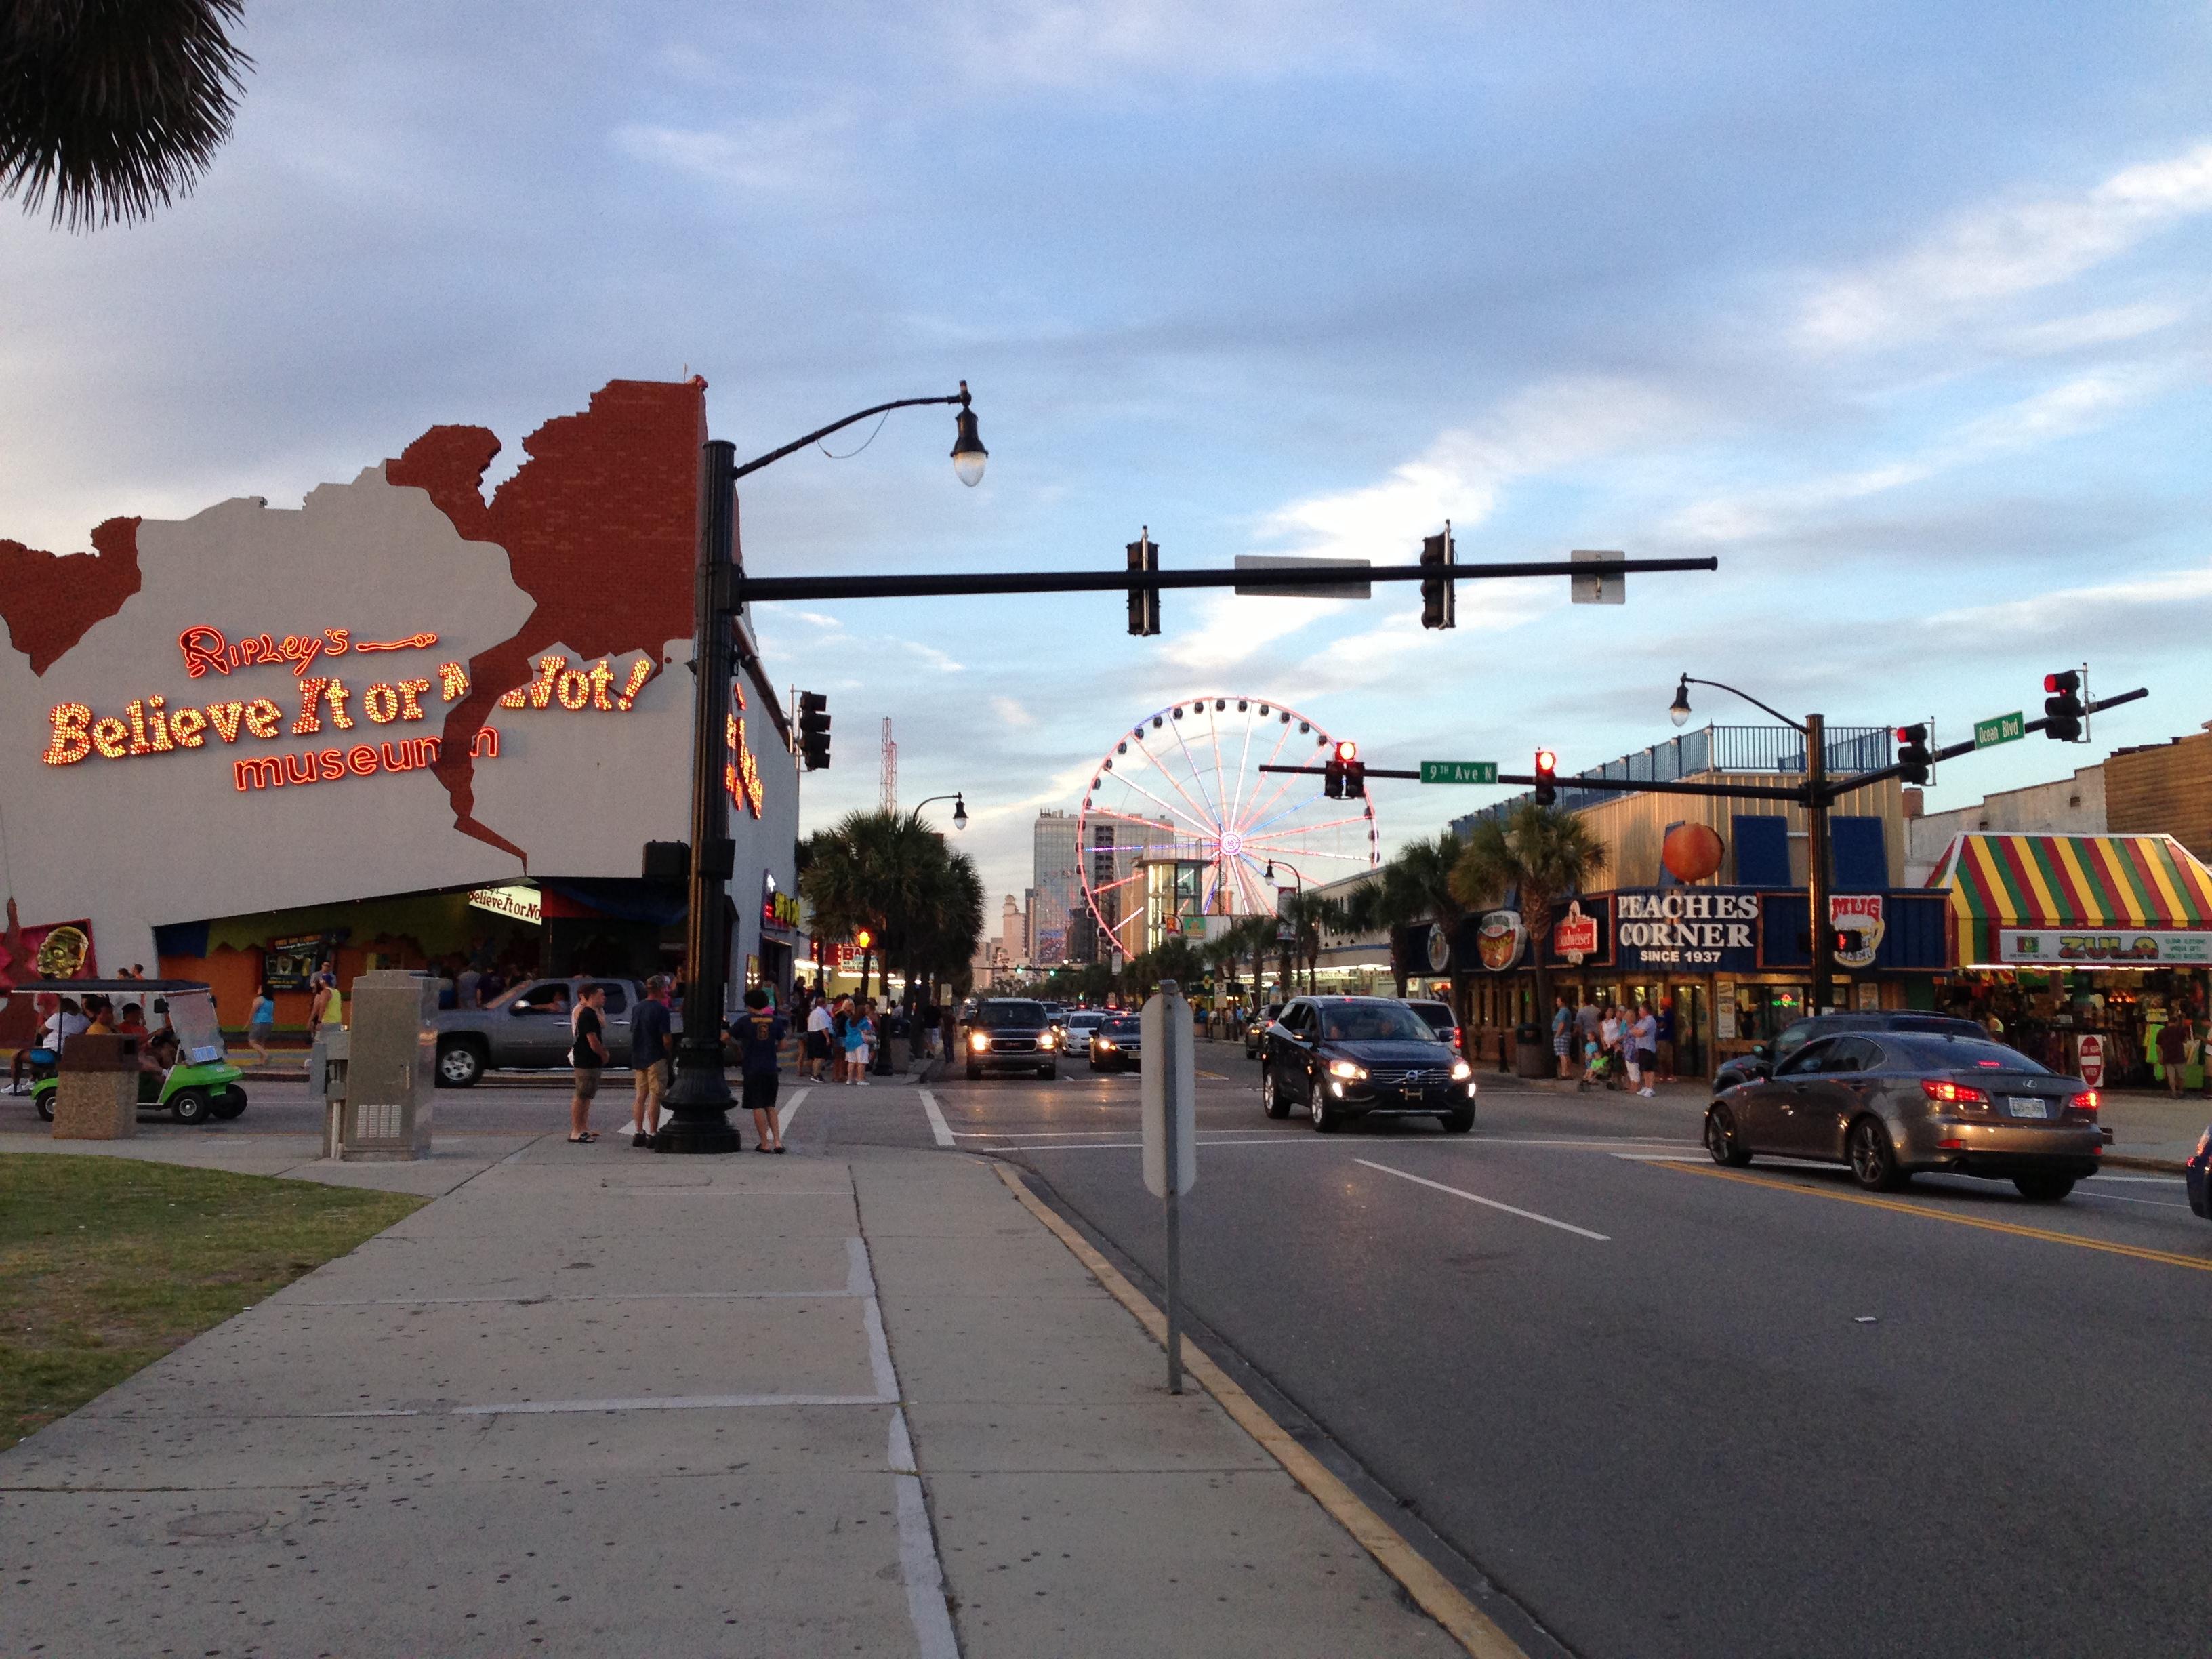 Ripley's Believe It or Not Myrtle Beach